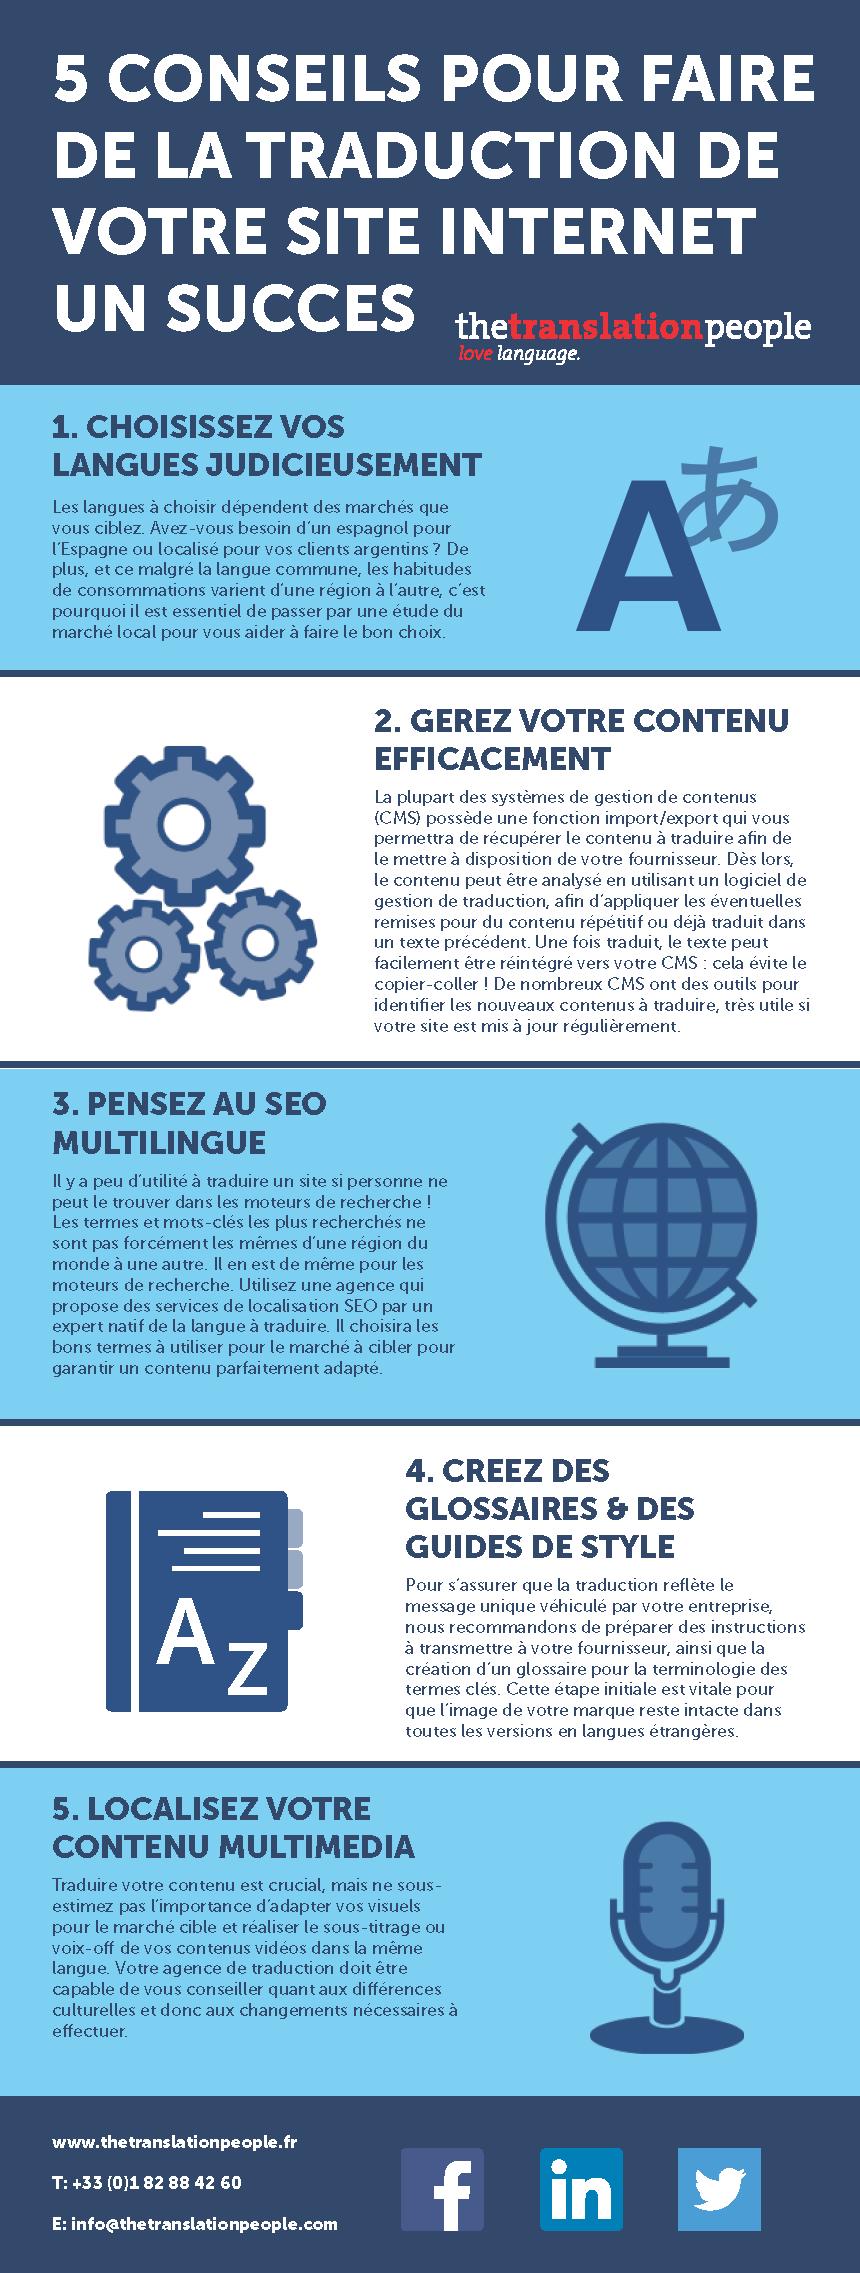 5 conseils pour faire de la traduction de votre site Internet un succès